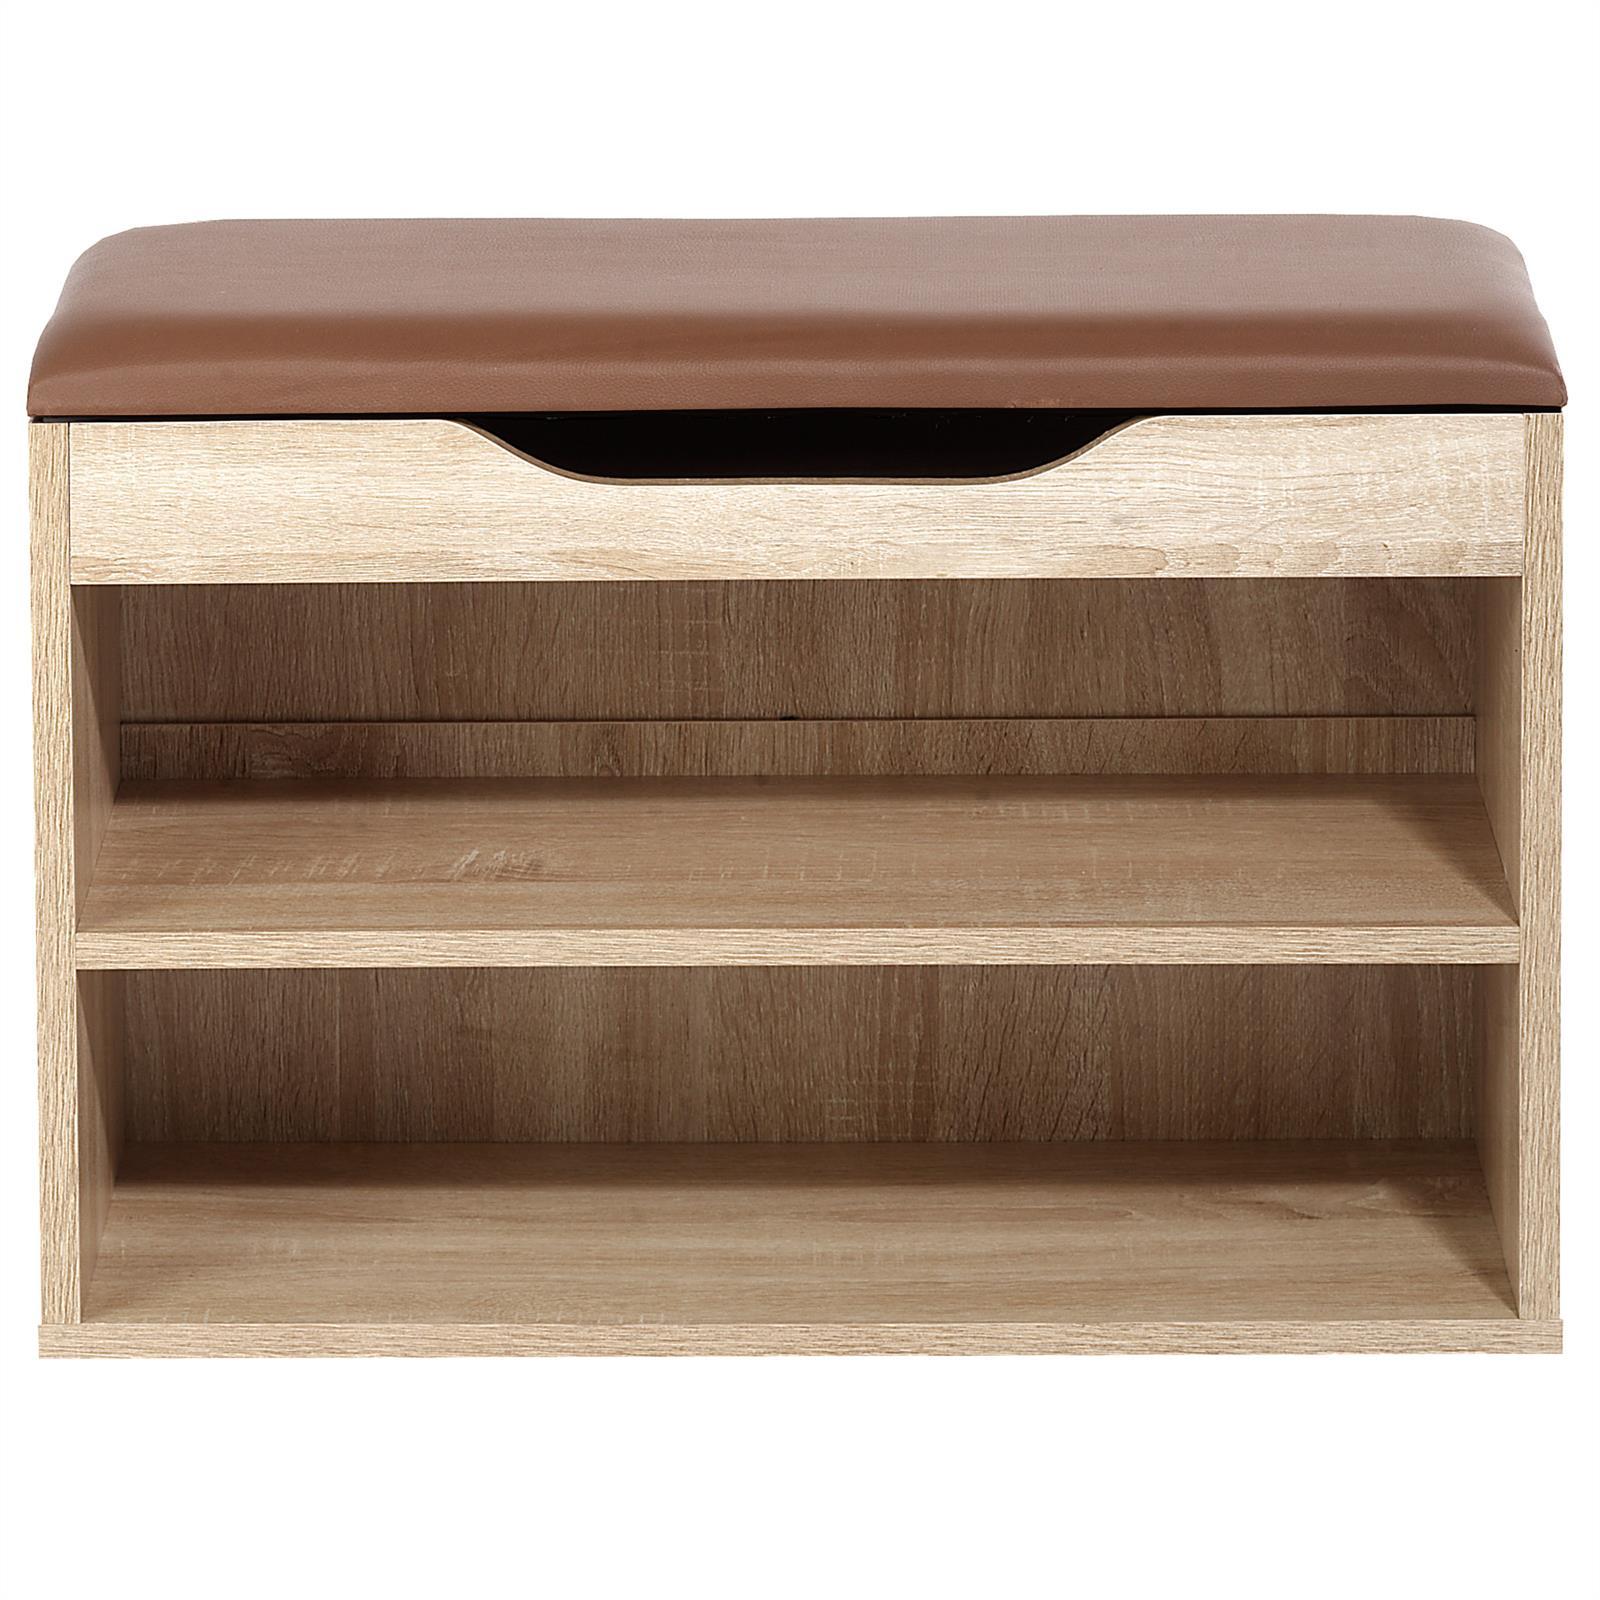 schuhbank sitzbank truhe schuhregal mit kissen 6 paar schuhe schrank ablage 60cm ebay. Black Bedroom Furniture Sets. Home Design Ideas